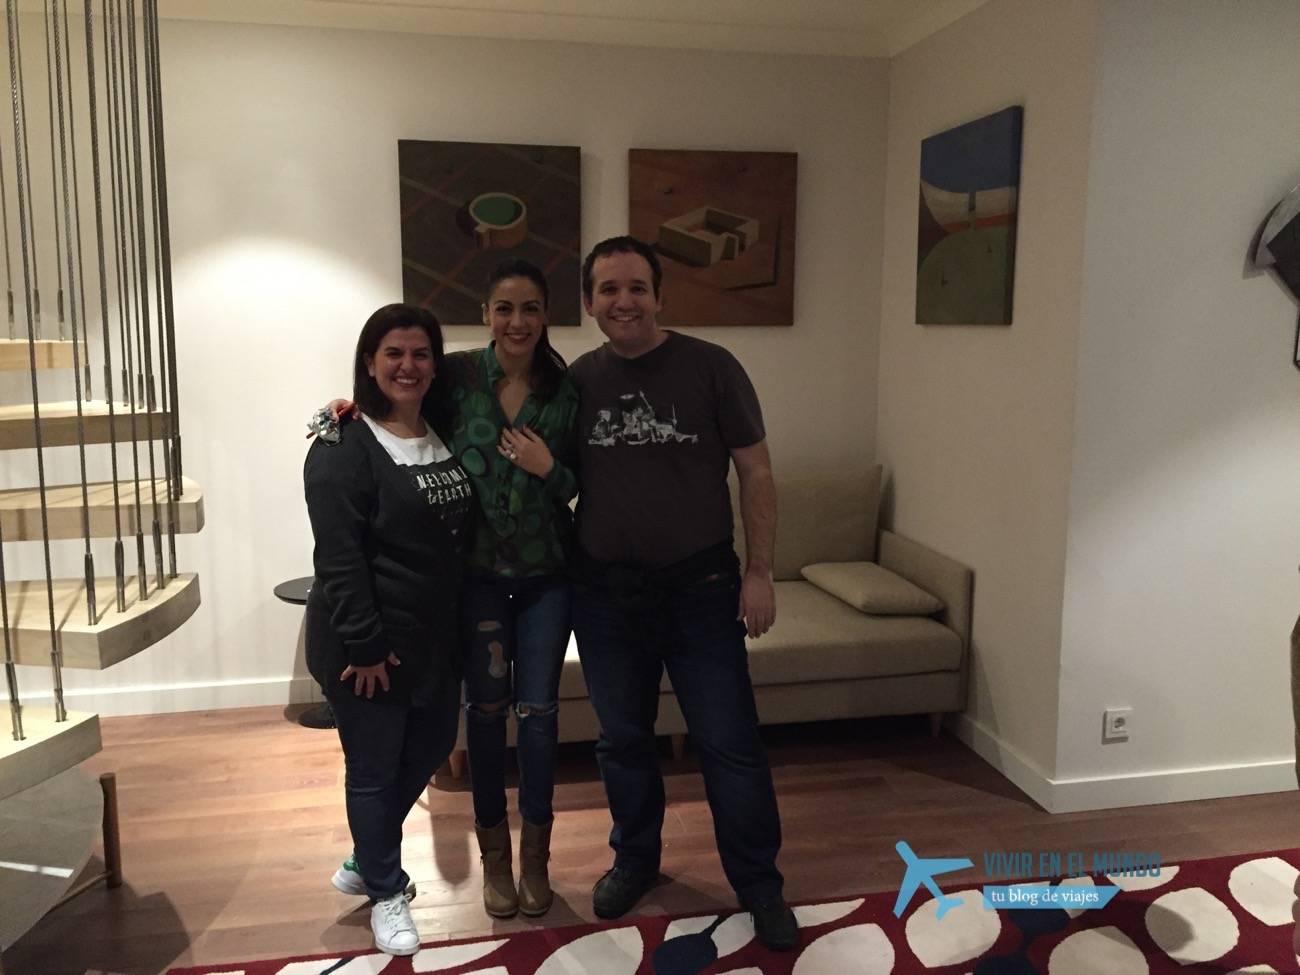 Veronica Perona con David Carrero y Antonia Gonzalez